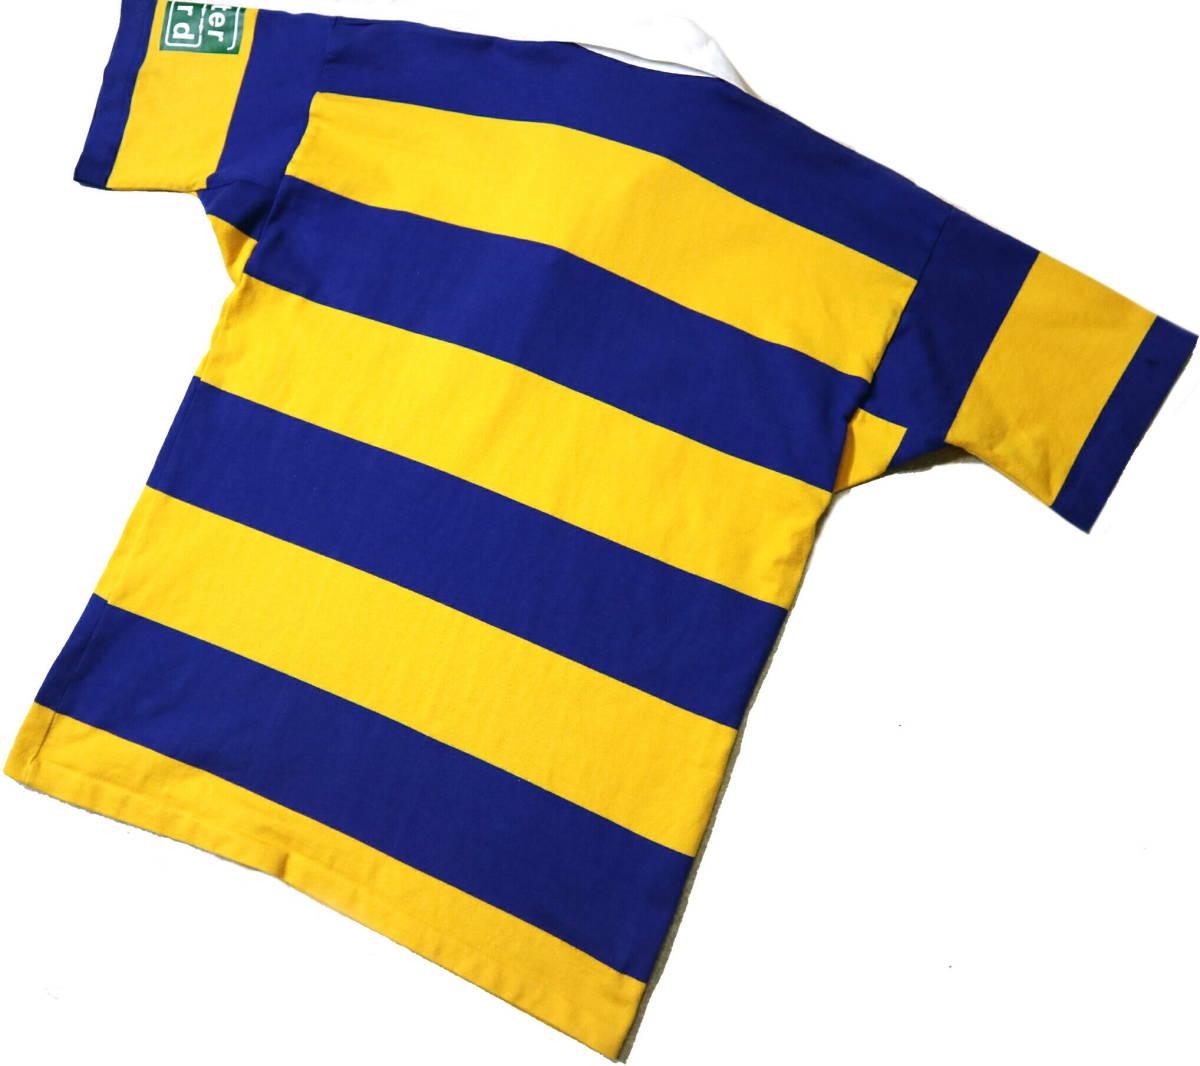 良好!◆NZ製 カンタベリー STEAMERS 刺繍&プリント ラガーシャツ◆やや大きめLサイズ_画像2